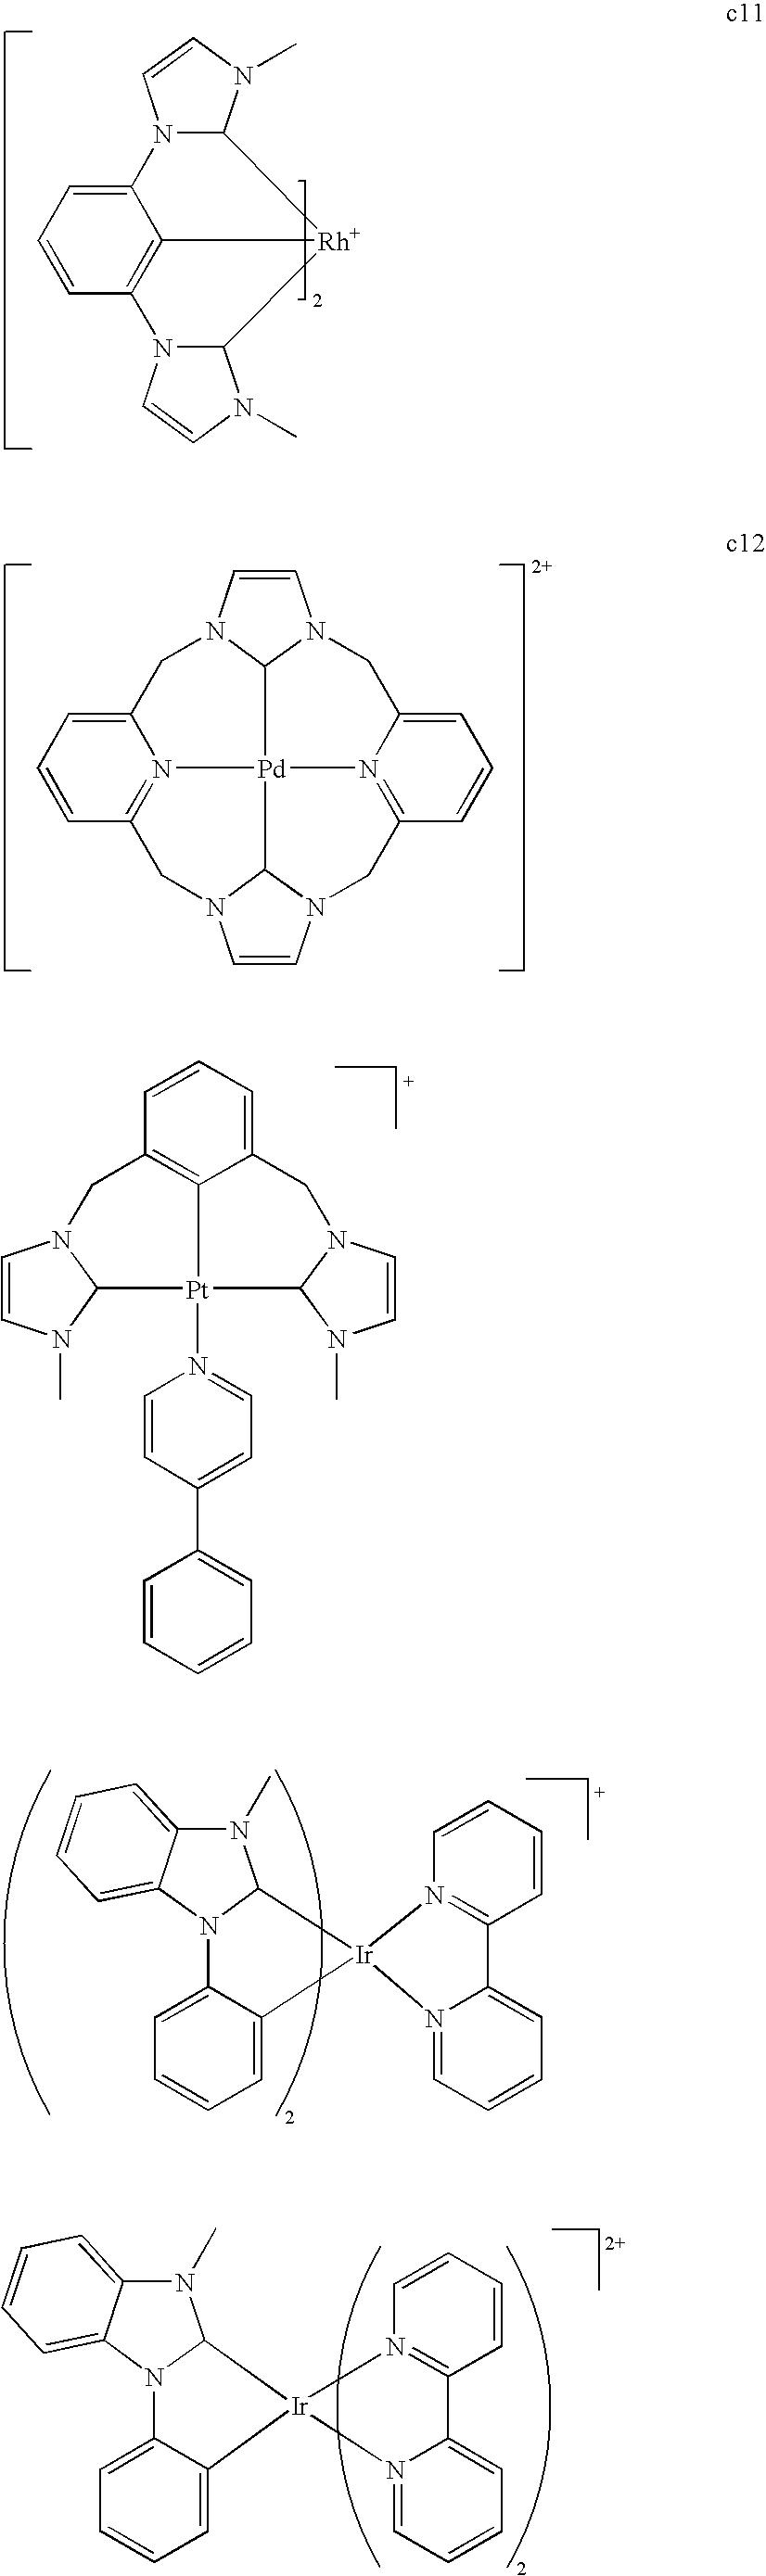 Figure US07445855-20081104-C00336